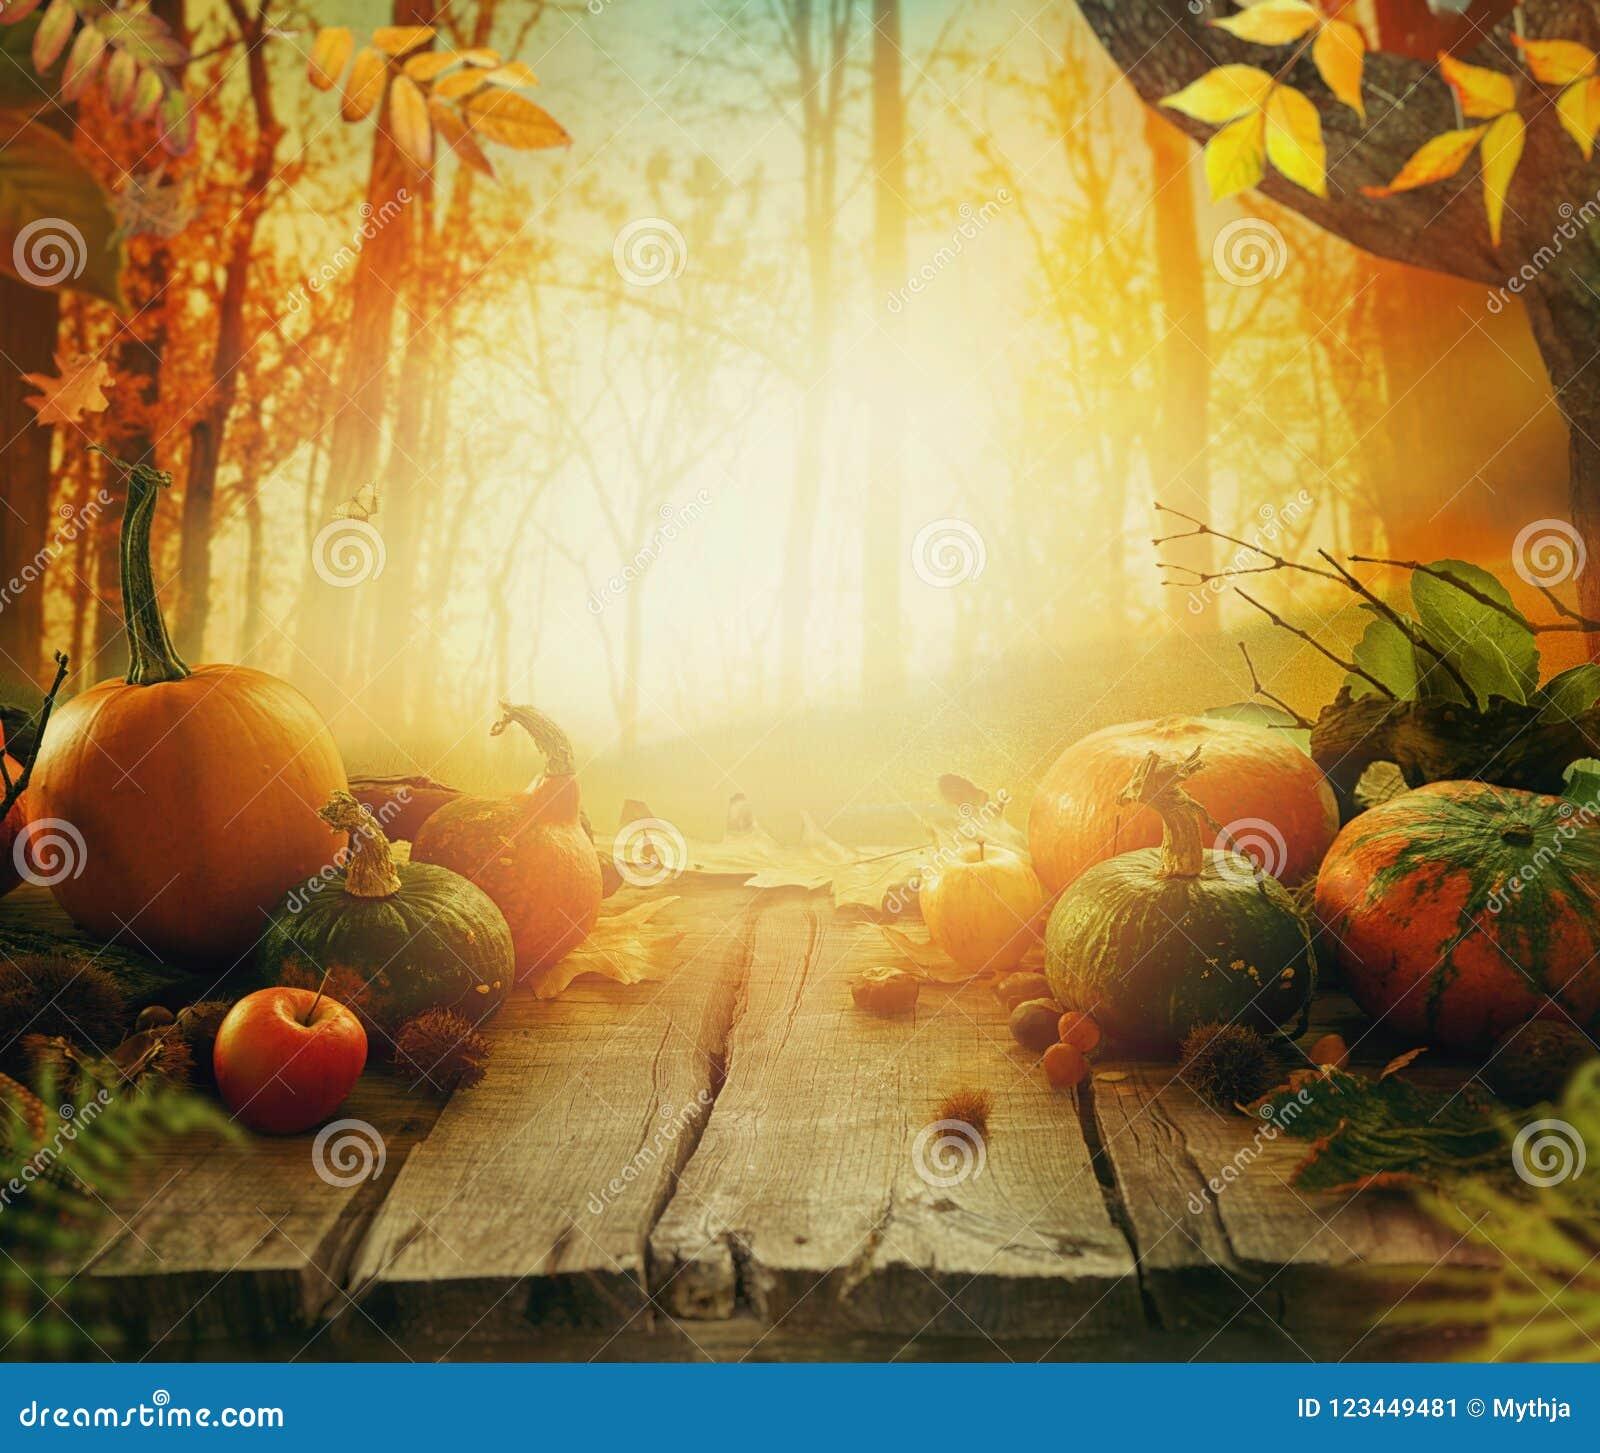 Jesieni owoc na stole